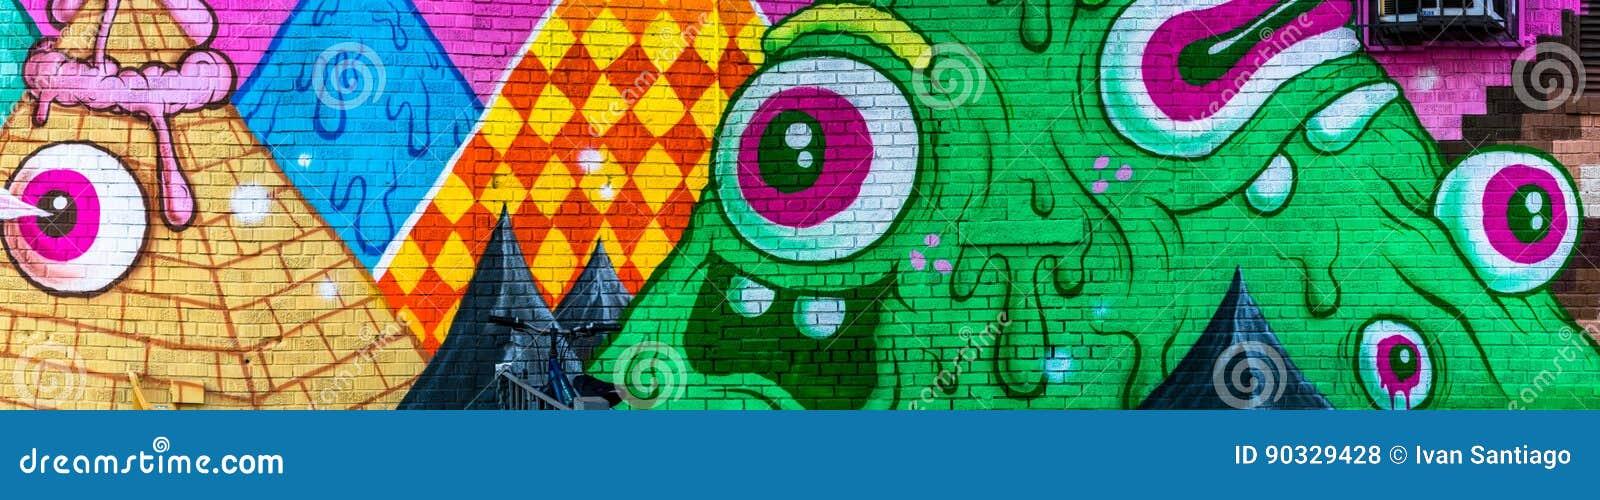 Mondo astratto variopinto dei graffiti